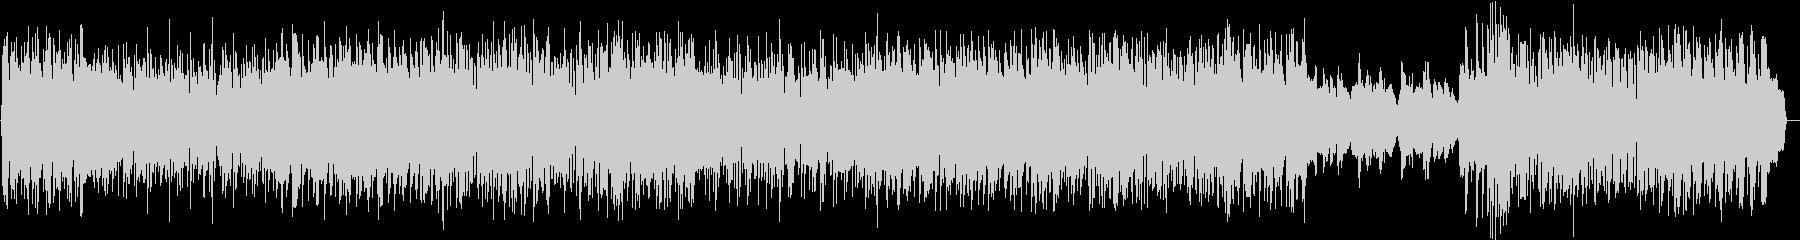 電波系アイドルポップ オタク向けアニソンの未再生の波形